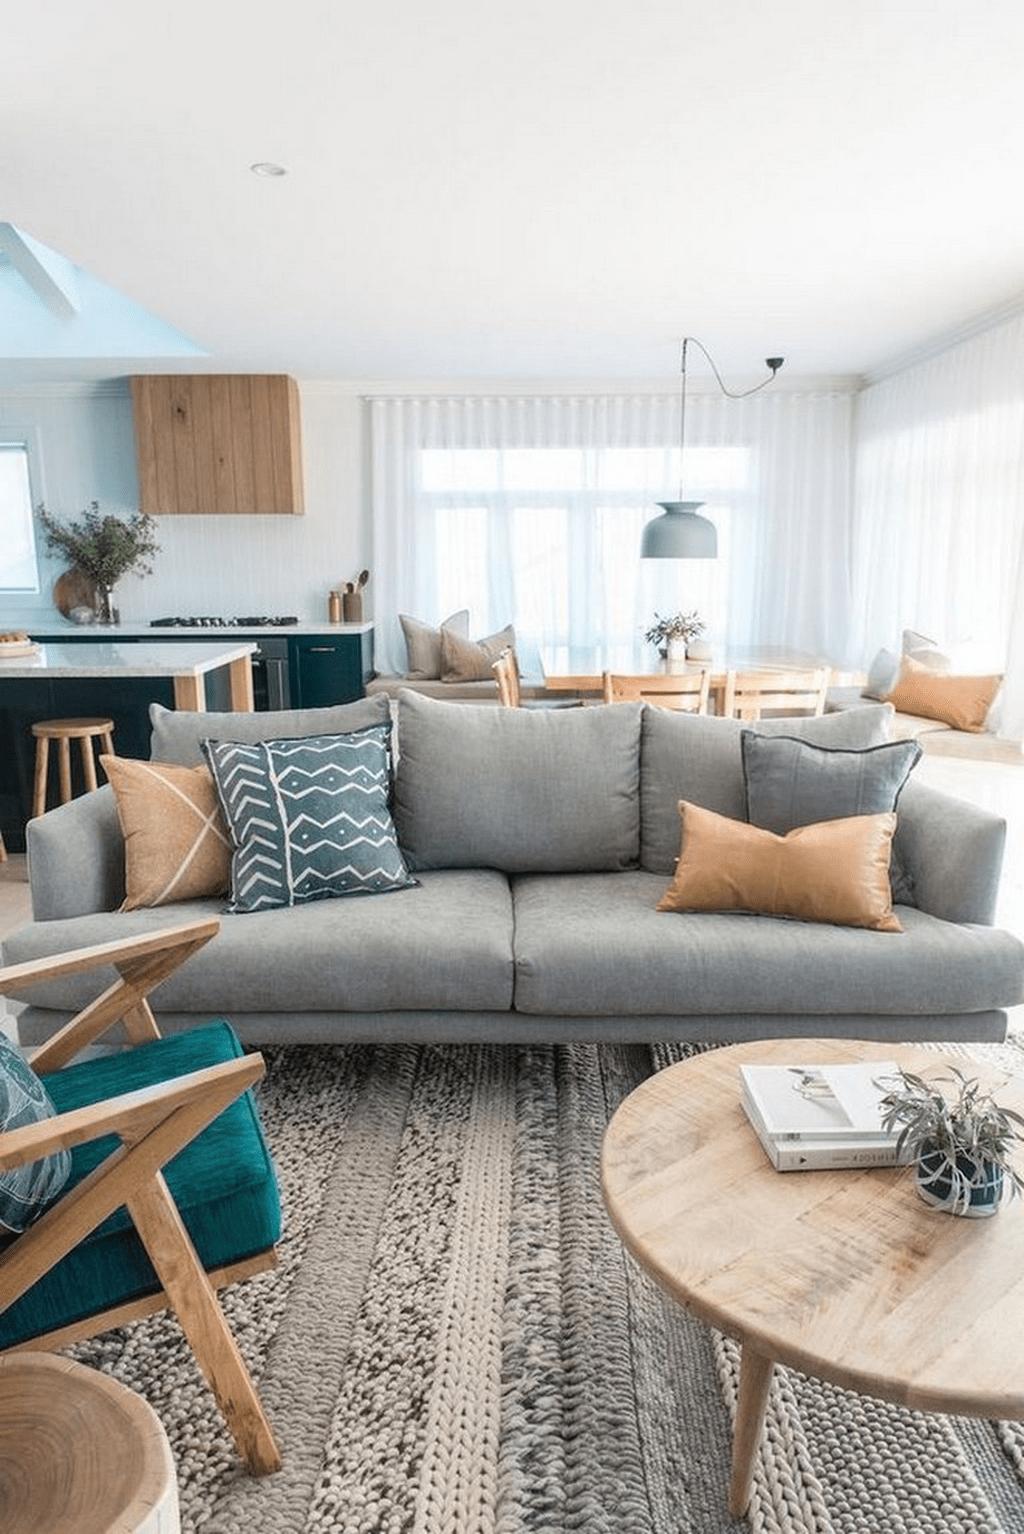 Amazing Contemporary Living Room Design Ideas You Should Copy 28